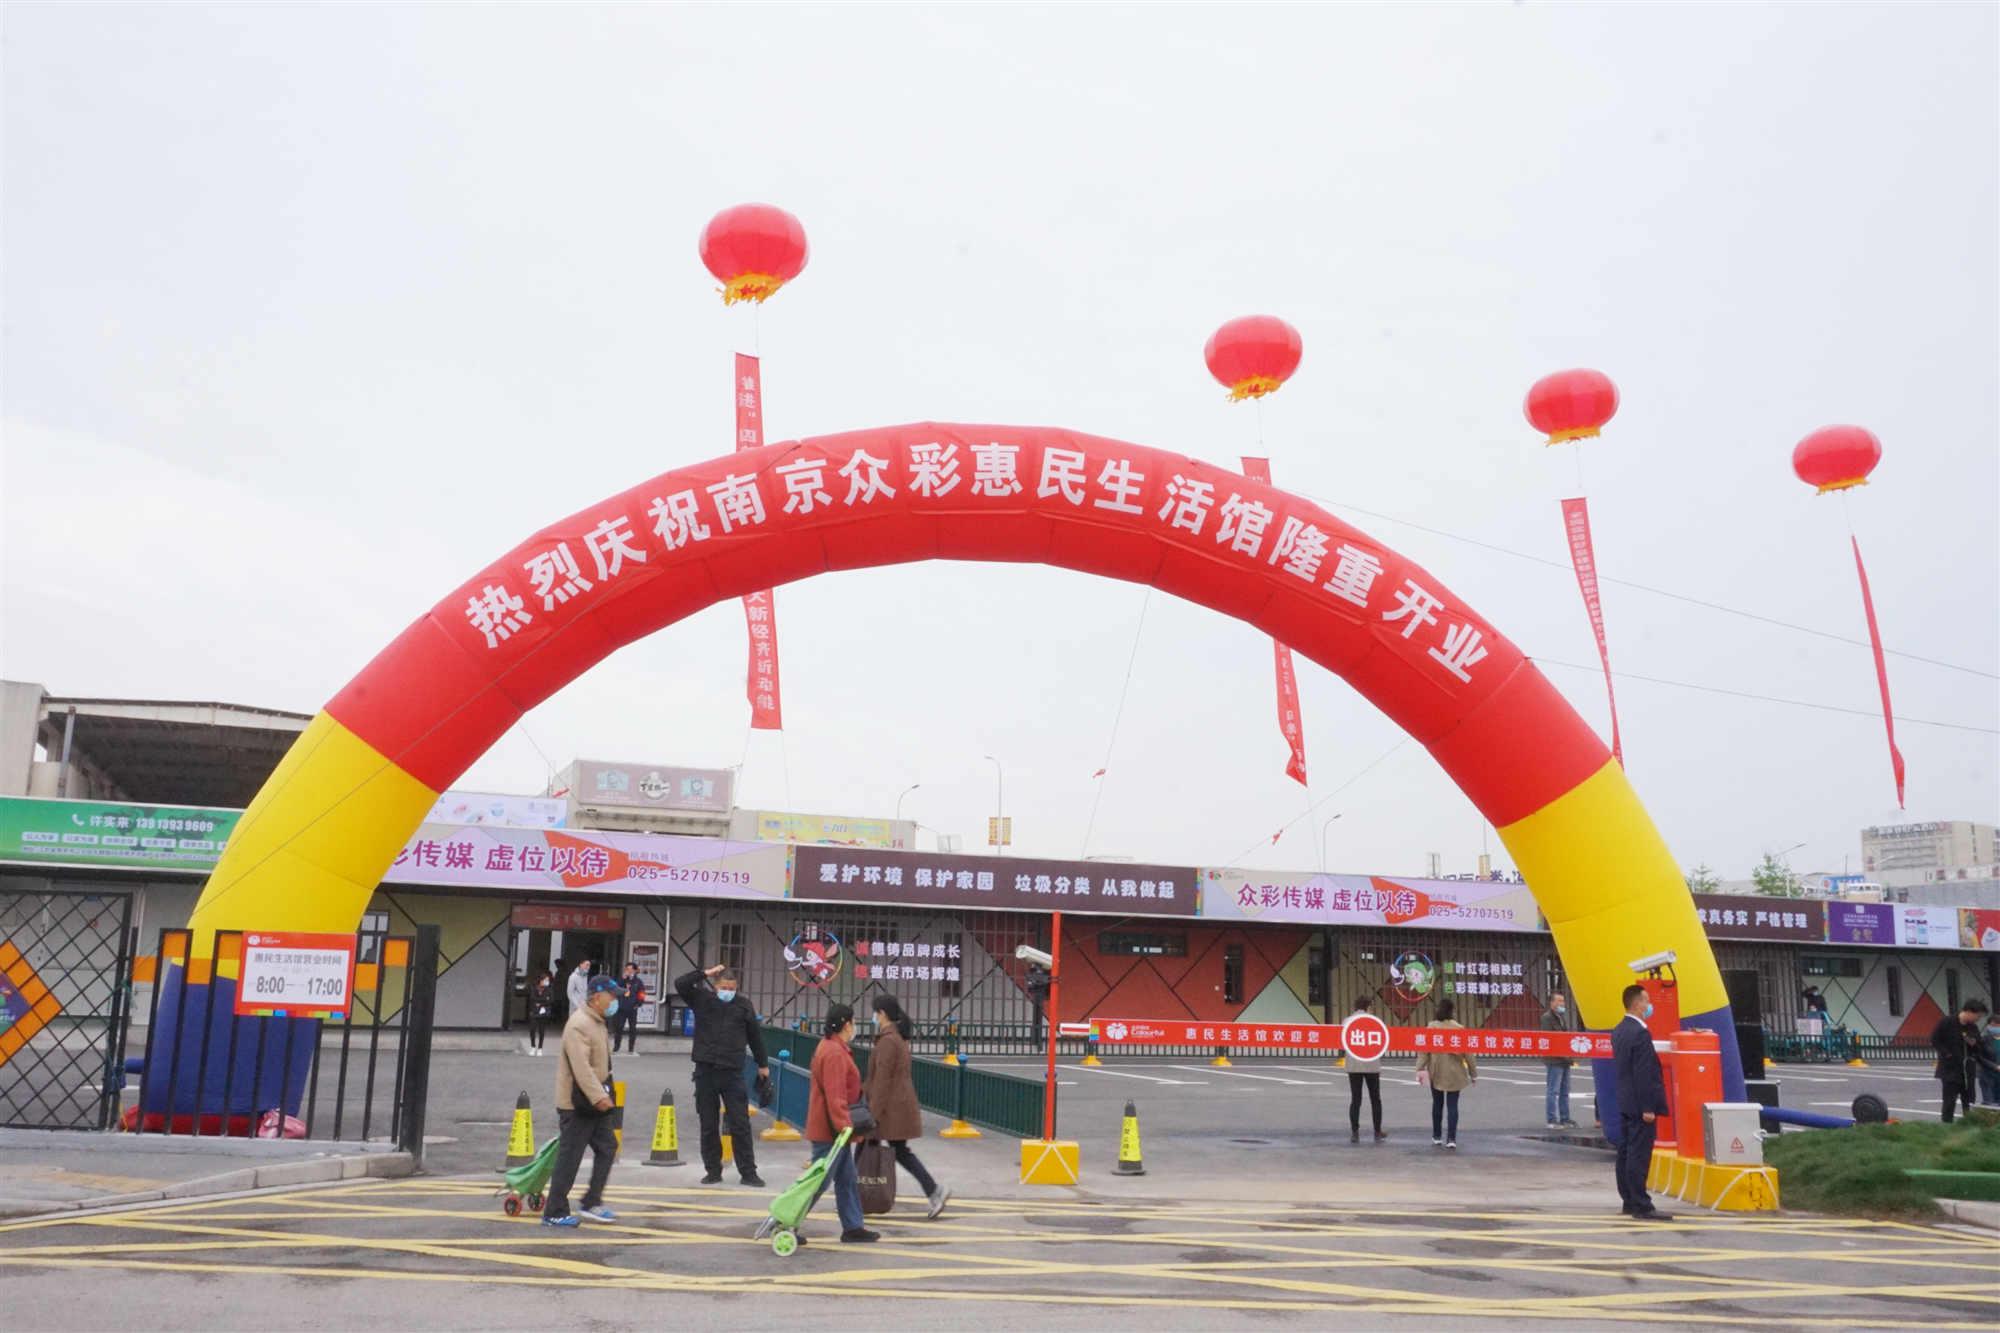 南京众彩果品惠民生活馆隆重开业